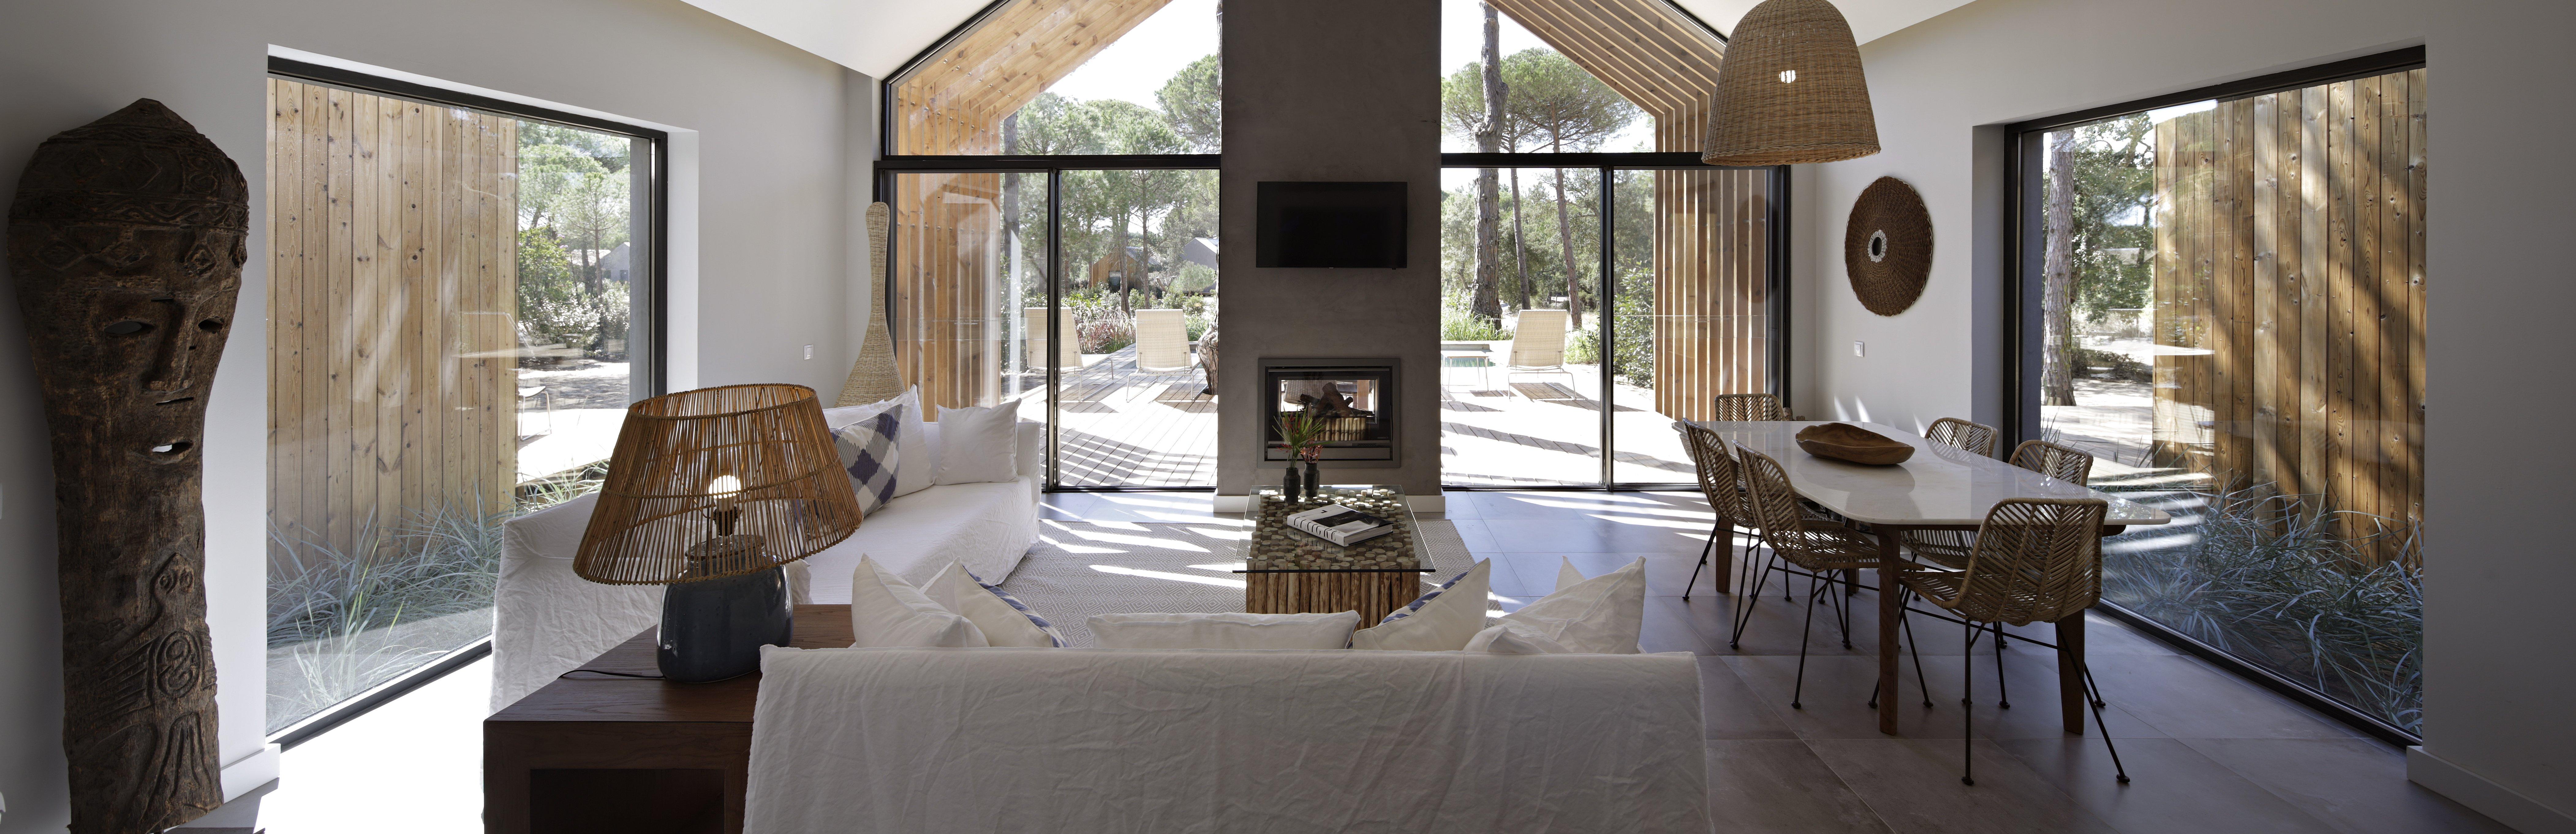 sublime-comporta-villa-interior